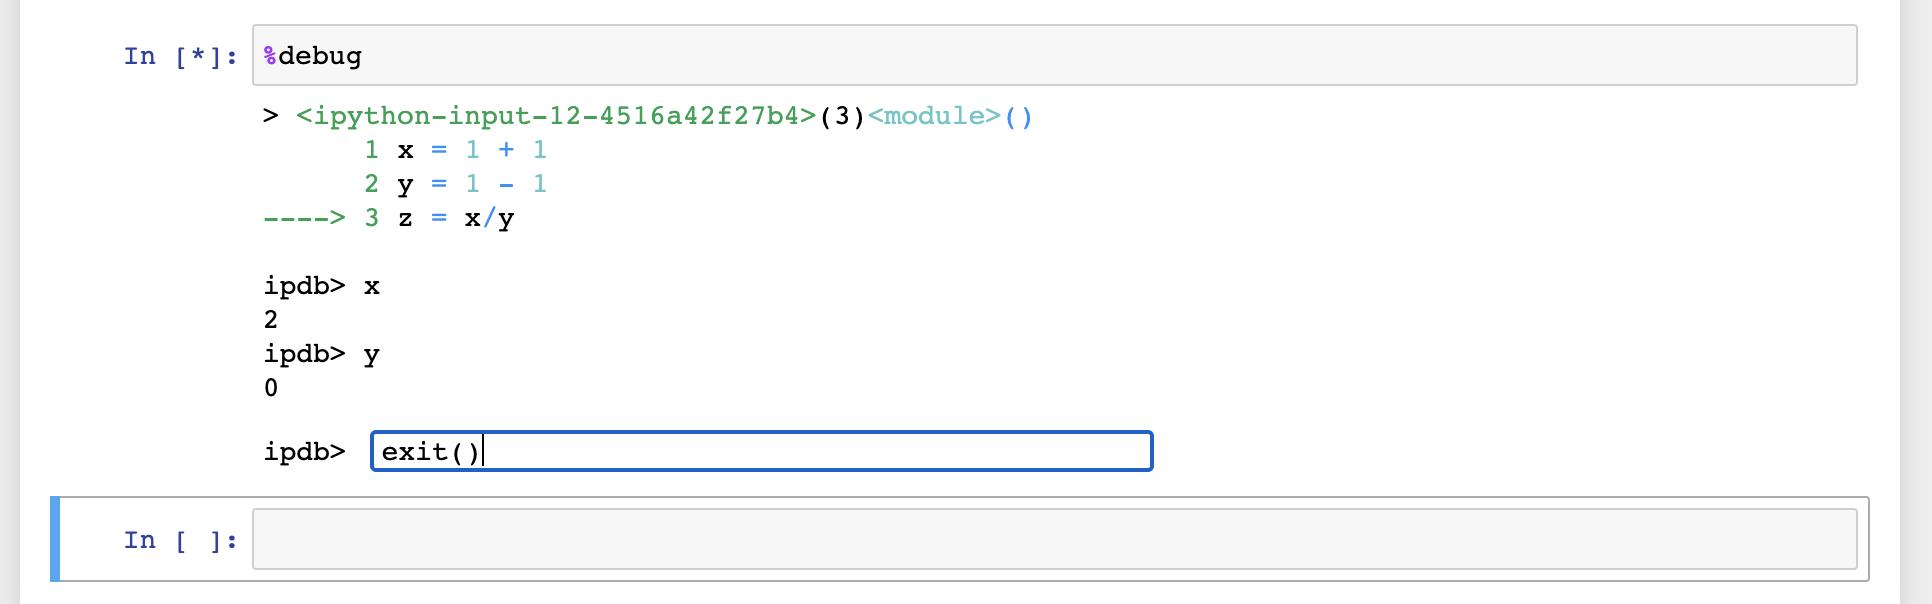 debig interface showing exit() debug to exit